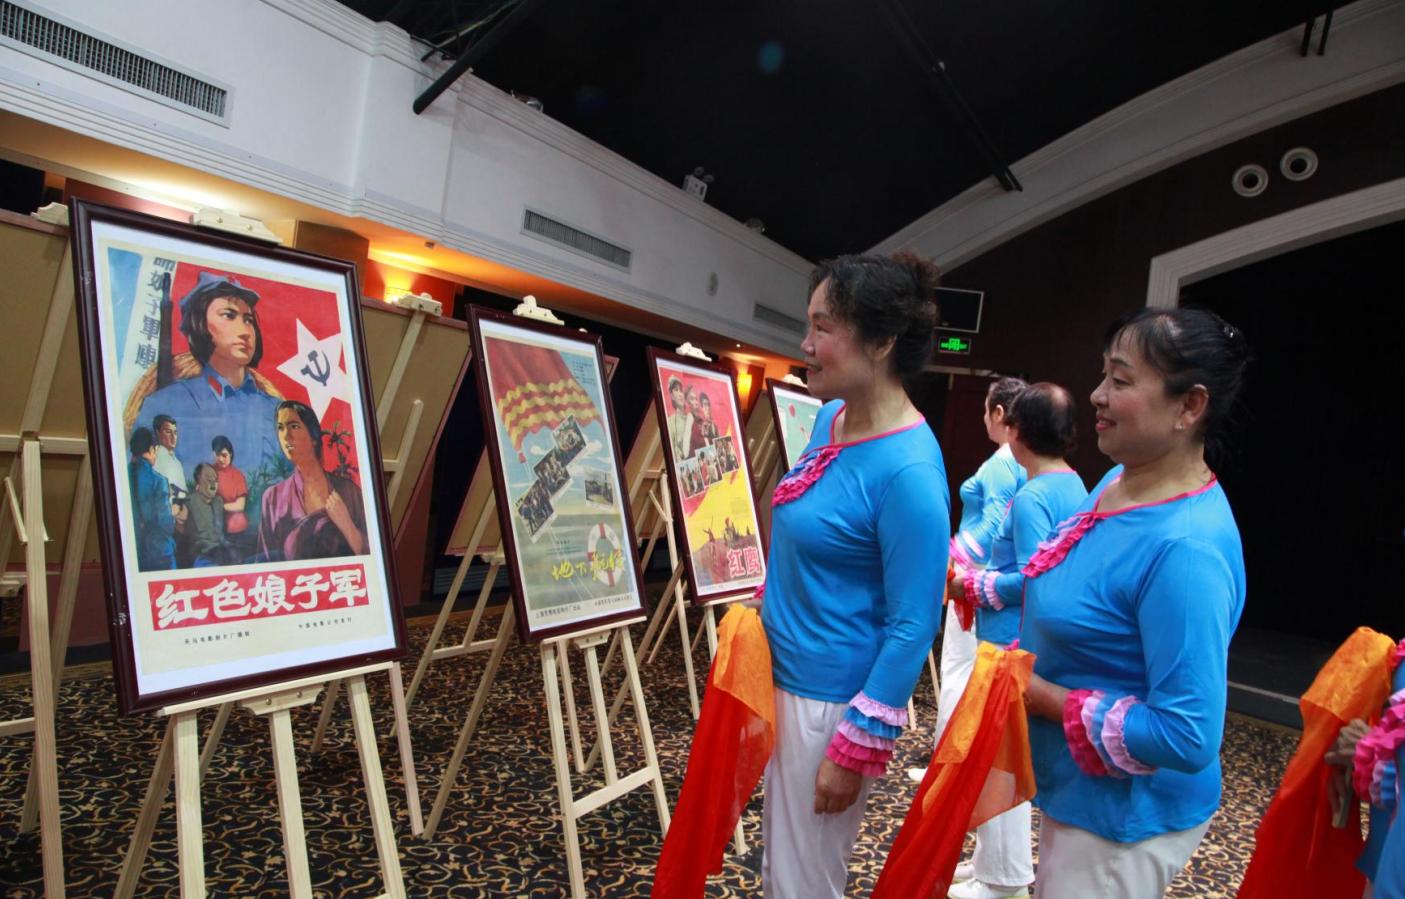 光影璀璨承载时代记忆,体育馆路红色电影海报收藏展开幕